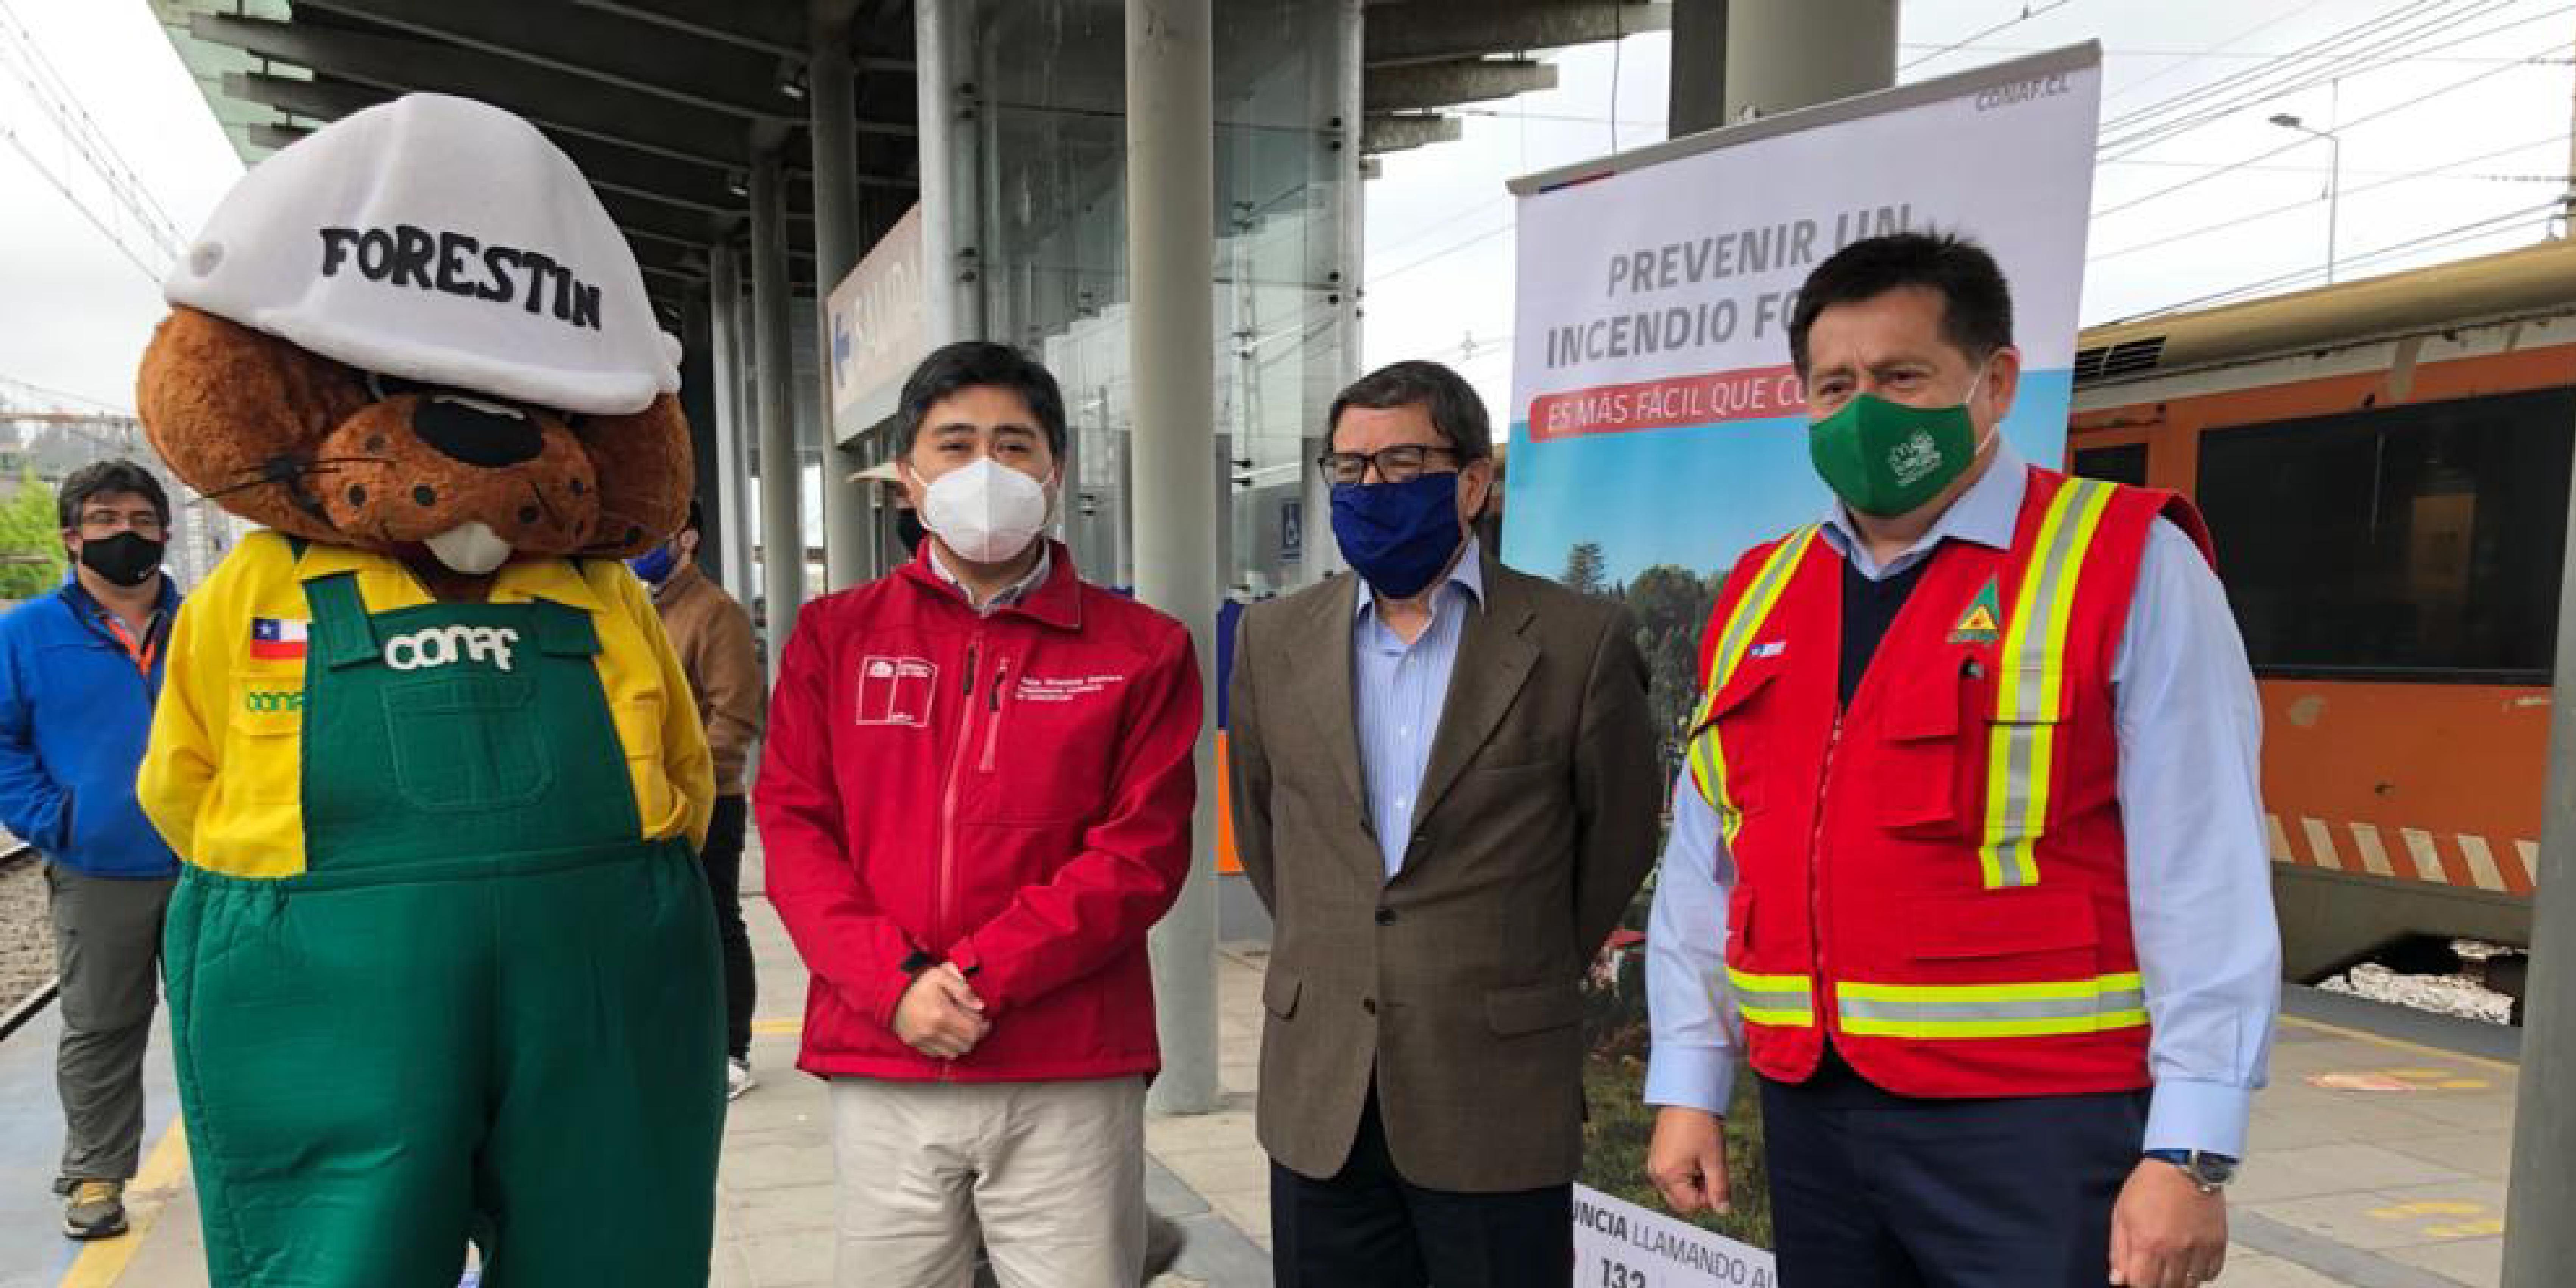 FESUR y CONAF refuerzan llamado a la prevención de incendios forestales en tren Corto Laja